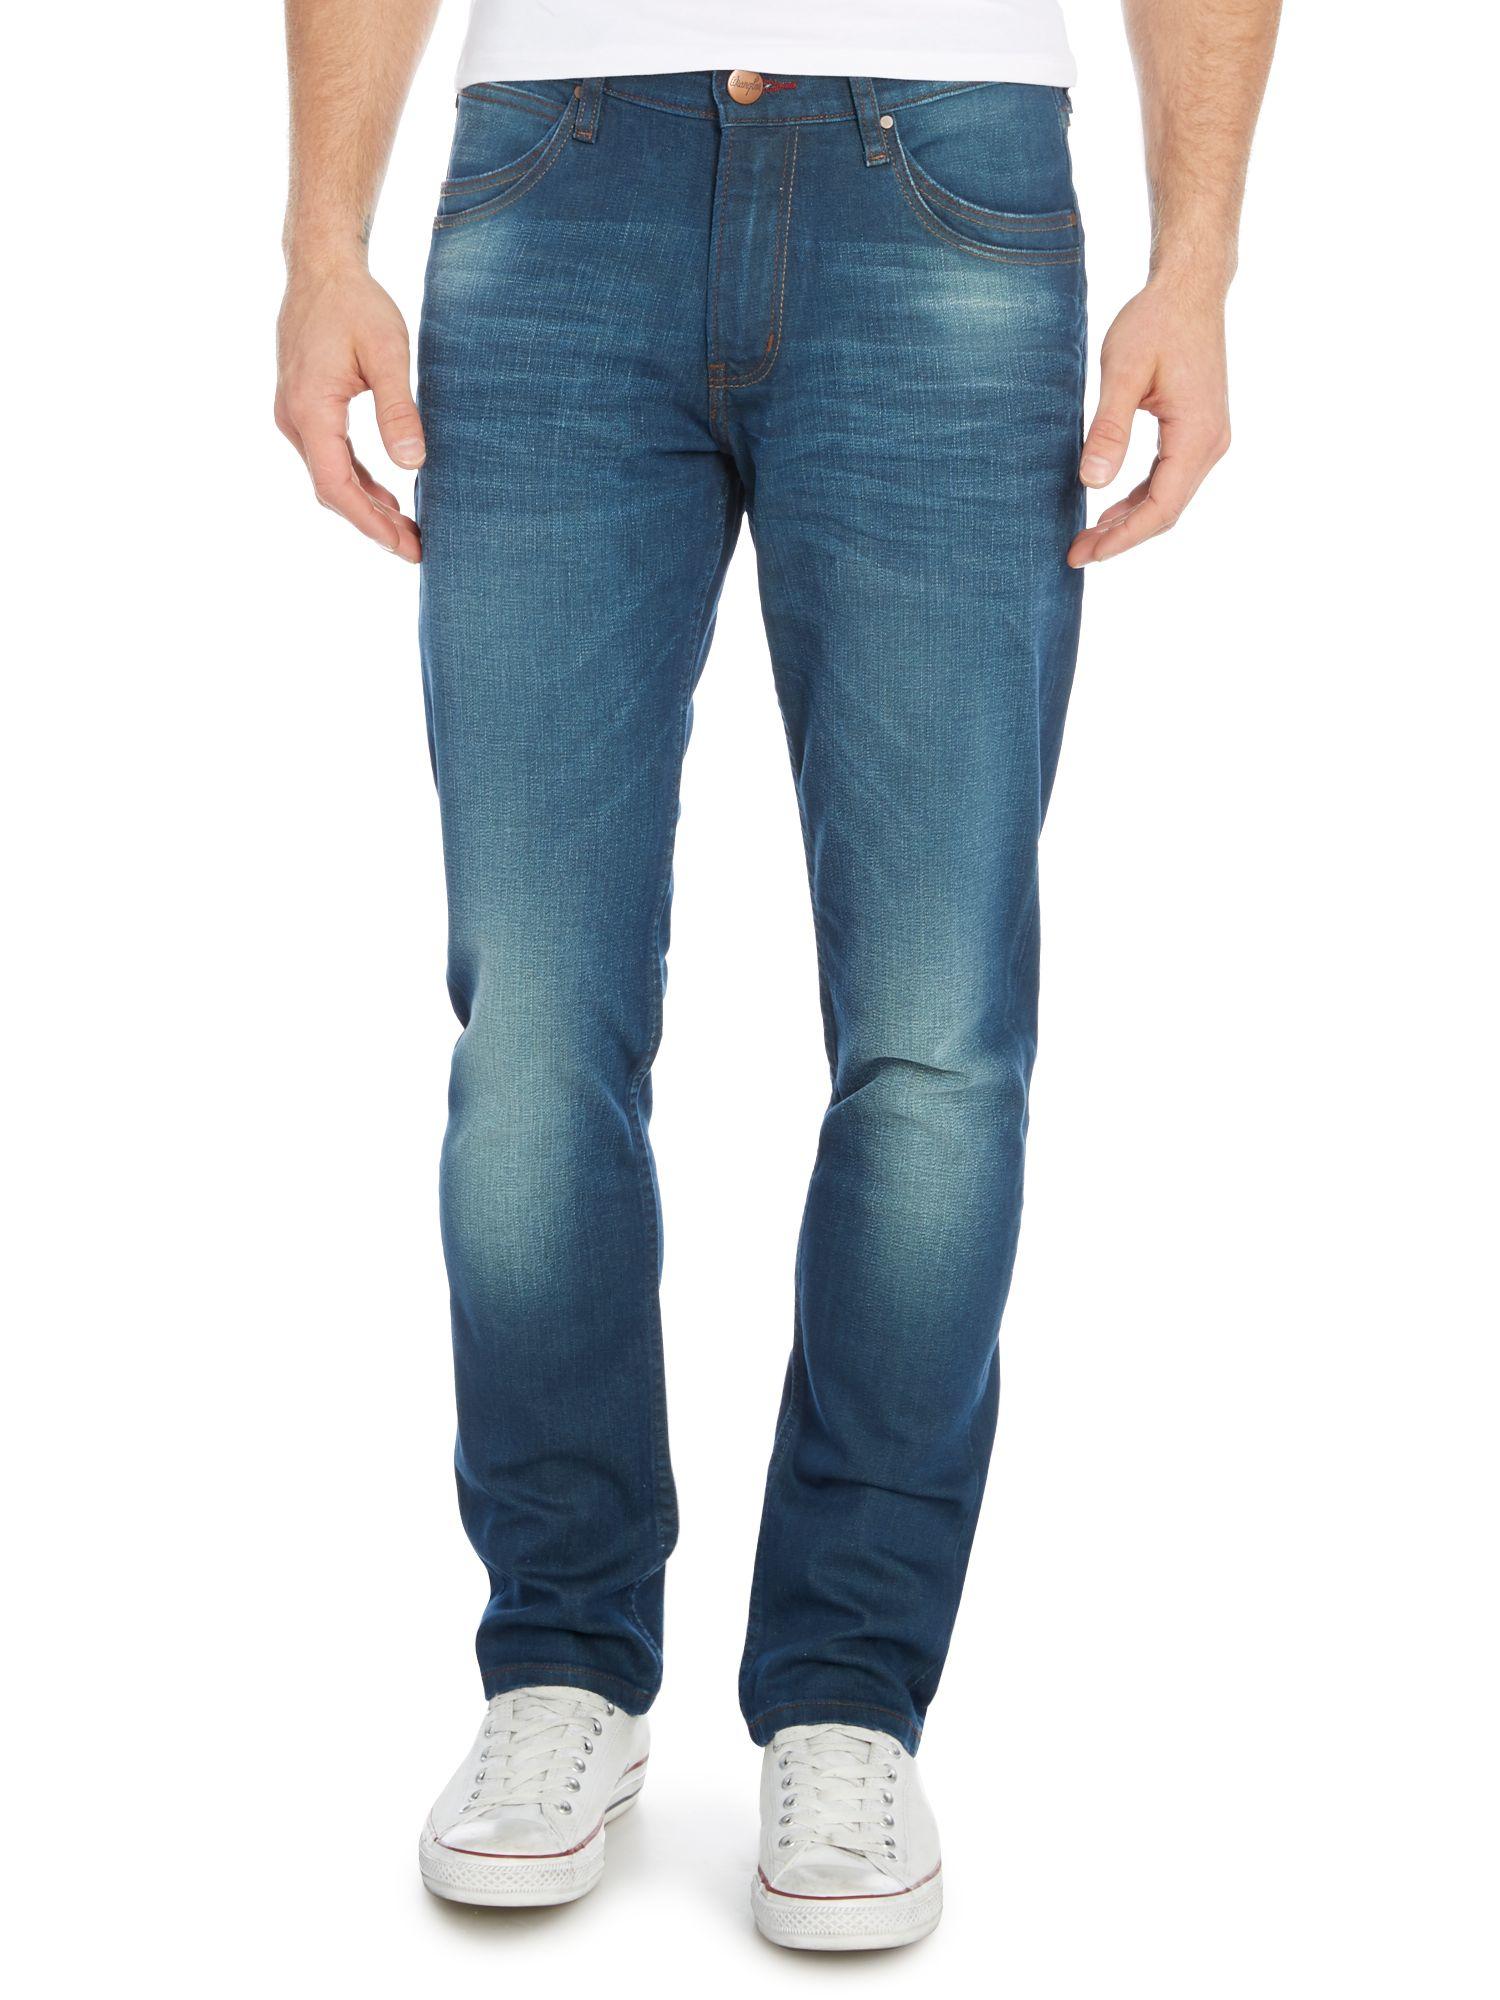 wrangler bostin green tint slim fit jeans in blue for men. Black Bedroom Furniture Sets. Home Design Ideas